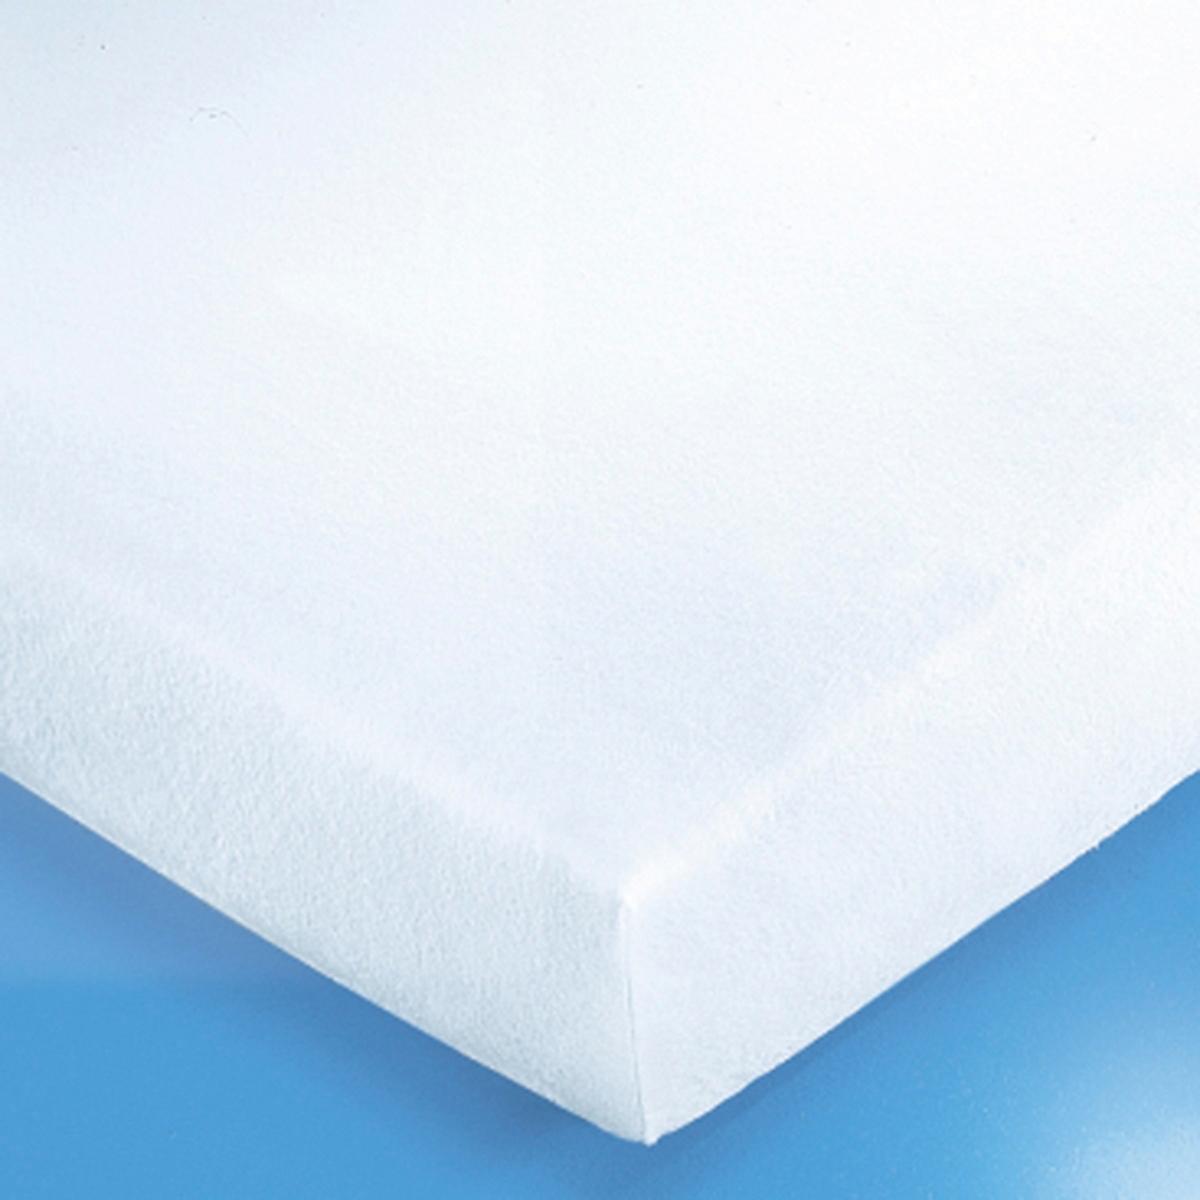 Чехол защитный для матраса флисовый, 400 г/м?La Redoute<br>Надежная защита для Ваших постельных принадлежностей и уникальный комфорт для Вас: этот чехол поглощает потоотделения, выделение которых неизбежно во время сна, и защищает подушки и одеяла от появления разводов, скапливания бактерий и клещей.Характеристики защитного матраса :Износостойкий флисовый чехол из очень мягкого чистого хлопка (начёс с лица и с изнанки).Стирка при 95°С для идеальной гигиены, обработка от усадки ткани SANFOR. Биоцидная обработка .4 эластичных угла (высота. 27 см).Размеры :80 x 200 см, 90 x 200 см, 140 x 200 см, 150 x 200 см, 160 x 200 см, 180 x 200 см<br><br>Цвет: белый<br>Размер: 120 x 190 см